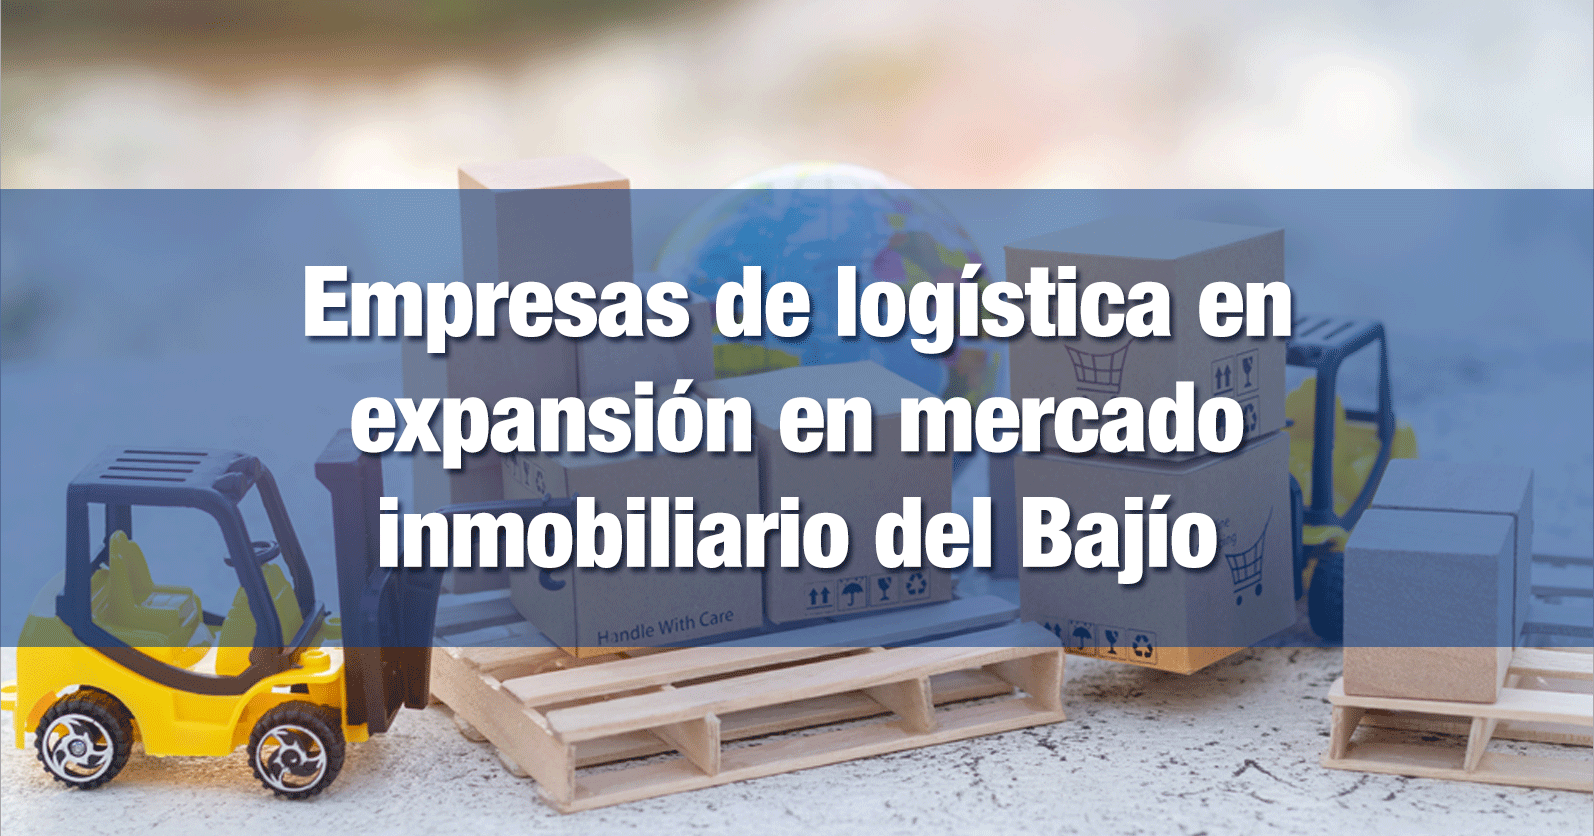 Empresas de logística en expansión en mercado inmobiliario del Bajío